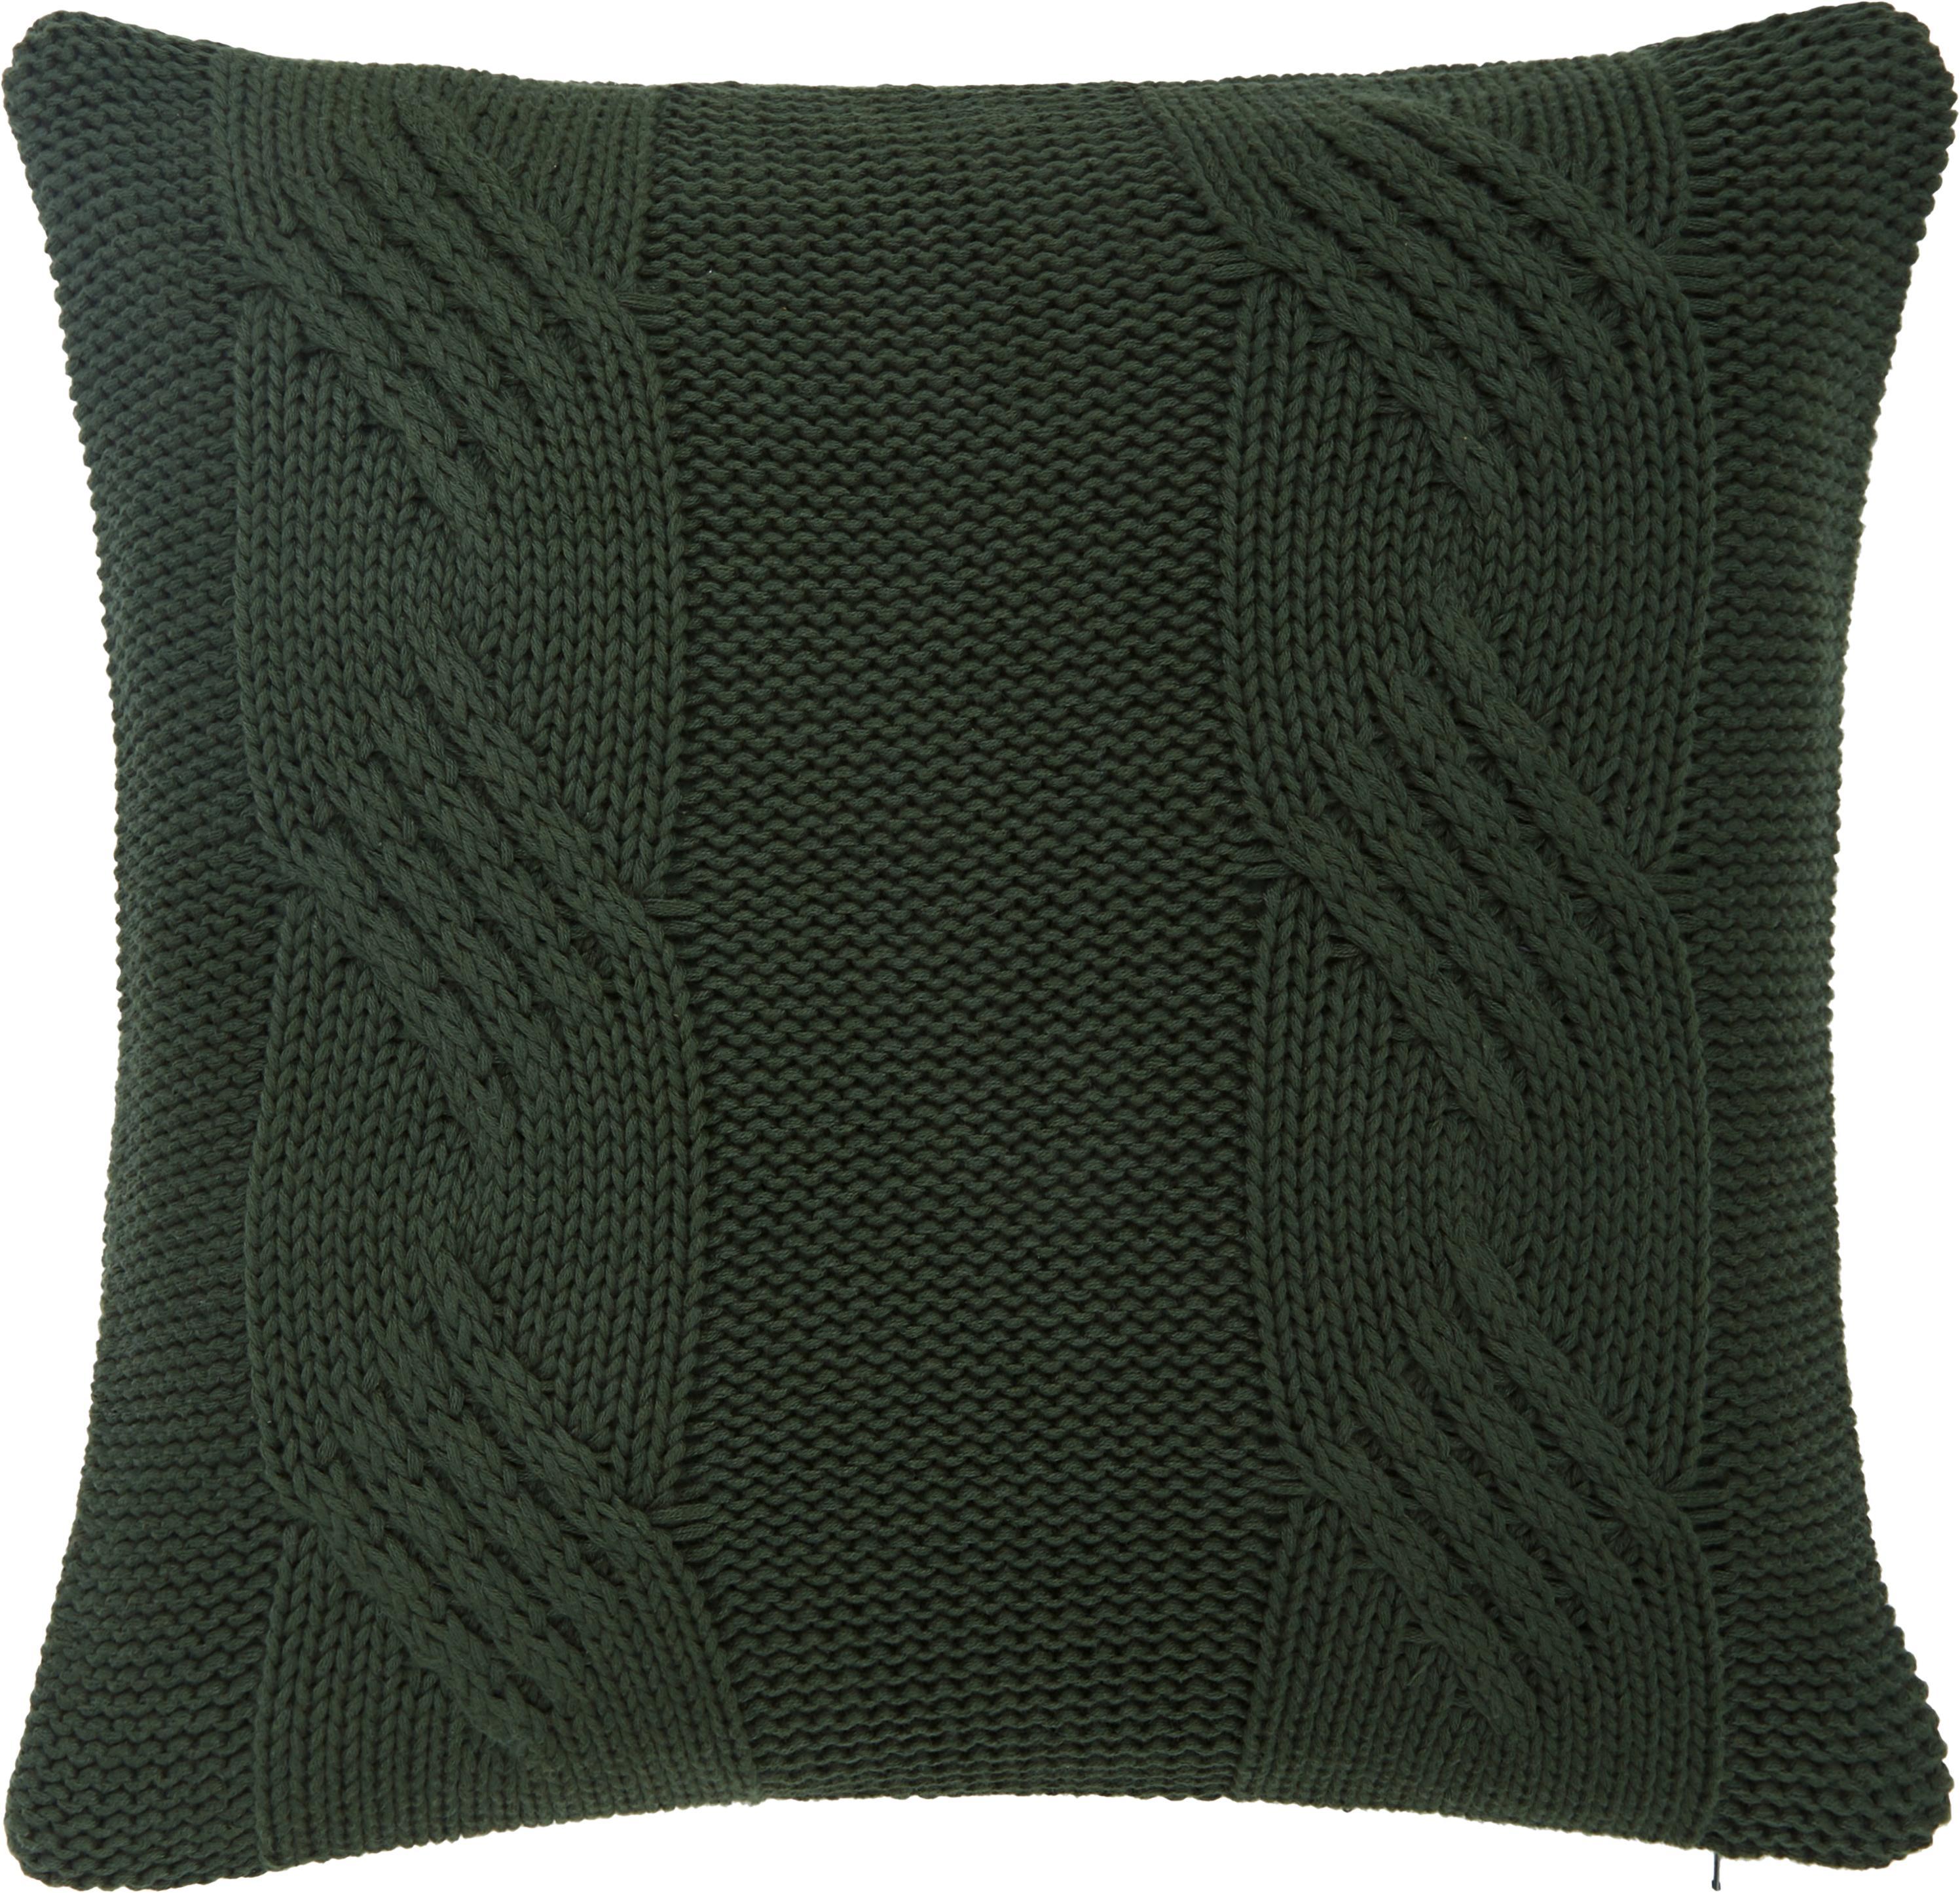 Federa arredo fatta a maglia con motivo a rilievo Jonah, 100% cotone, Verde scuro, Larg. 40 x Lung. 40 cm